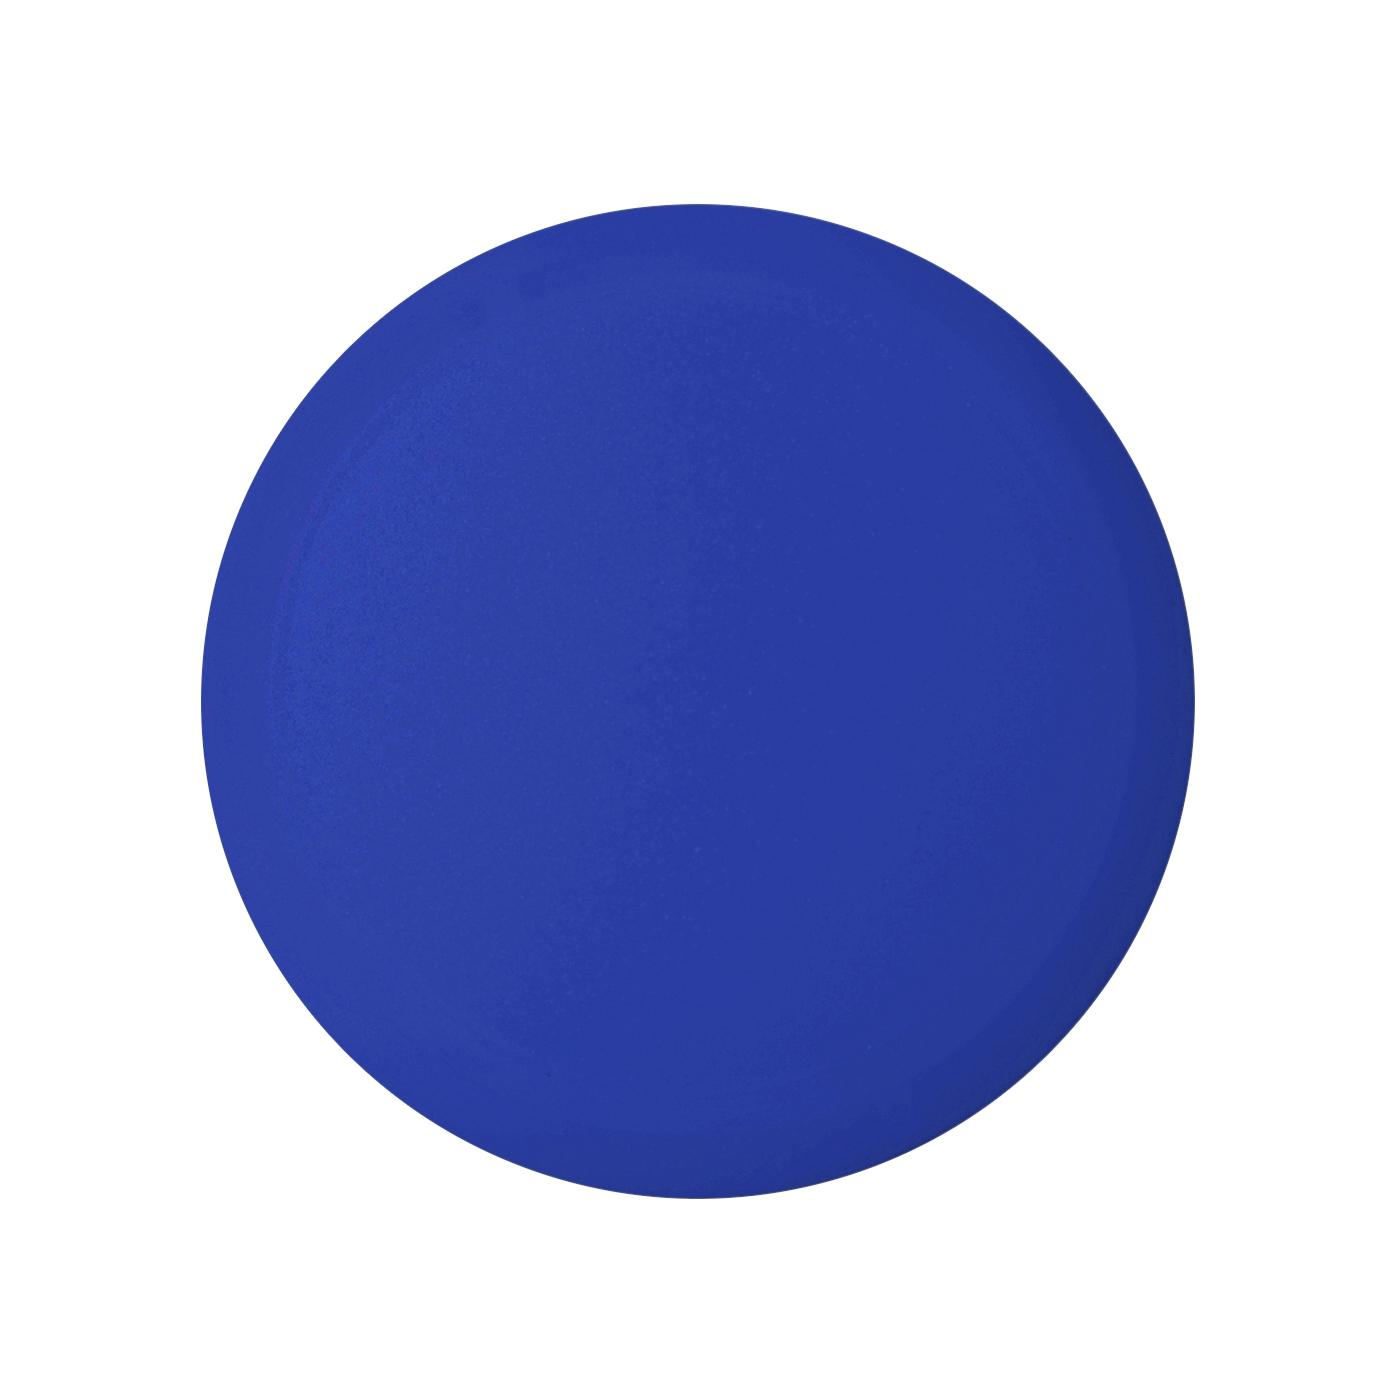 1 Stk Linse für Leuchtmelder blau flach MM216457--